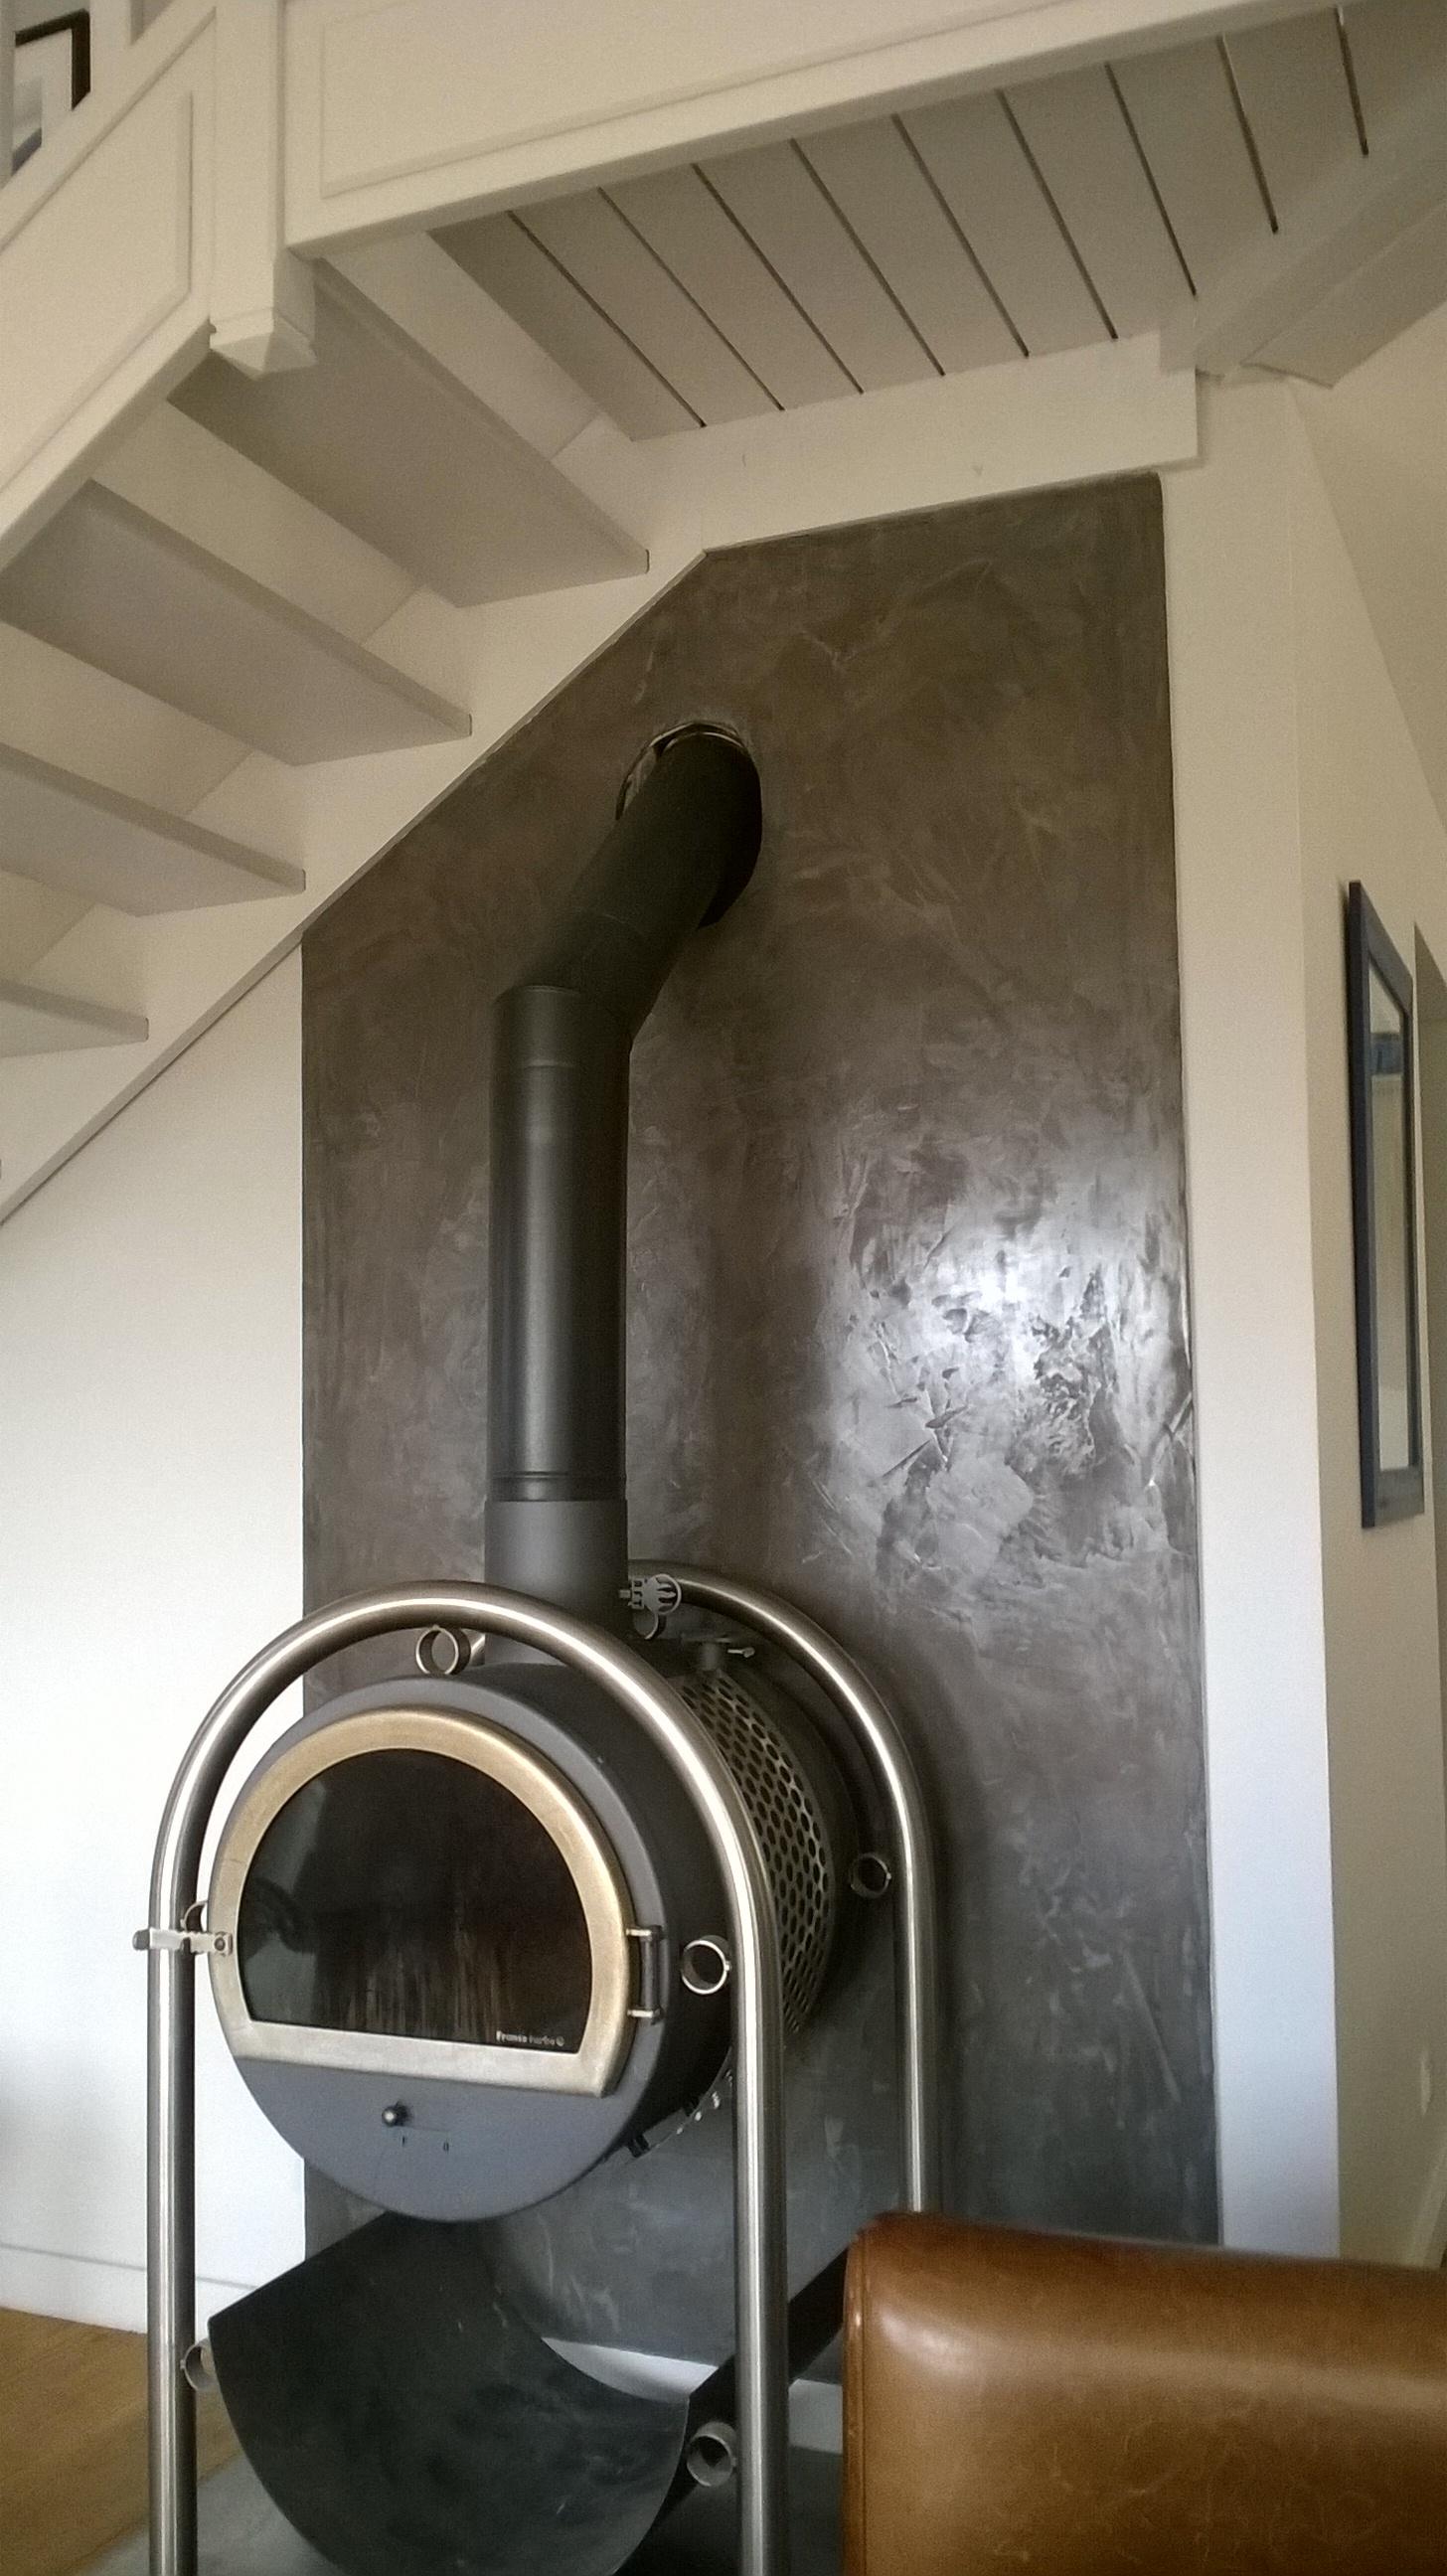 Comment Nettoyer Le Beton Ciré beton cire, plan de travail cuisine, escalier, salle d'eau